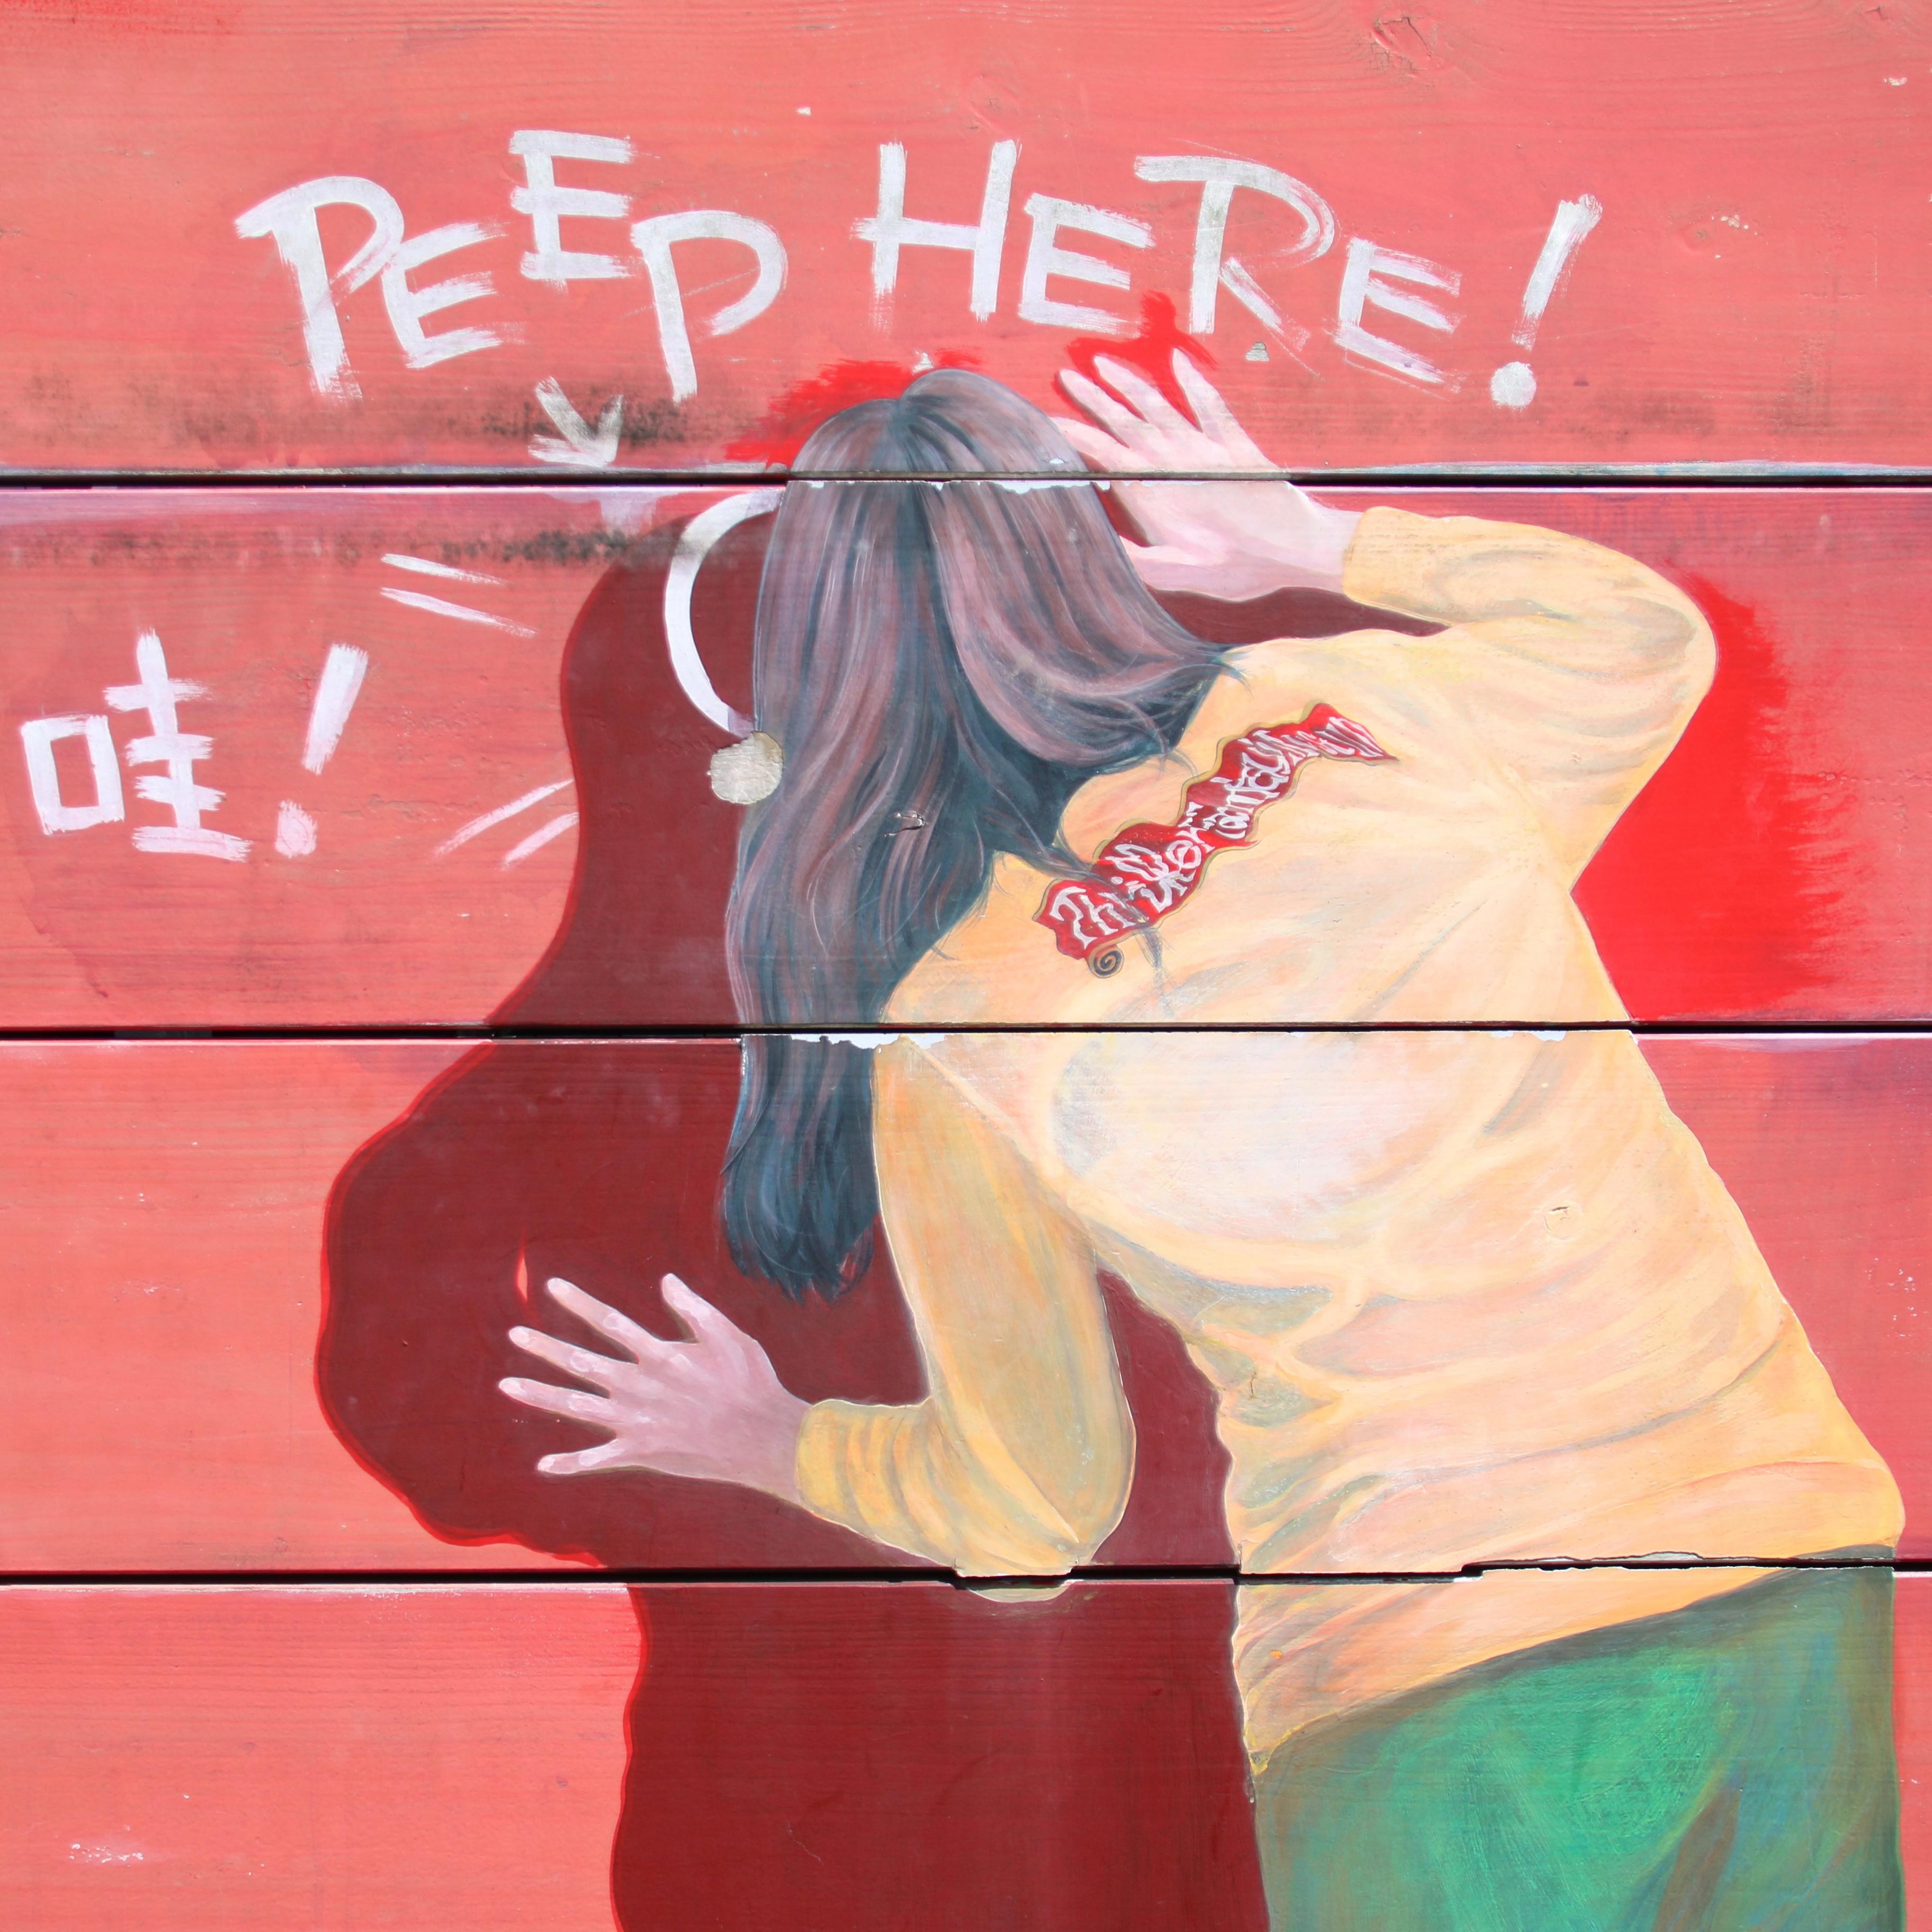 peephere